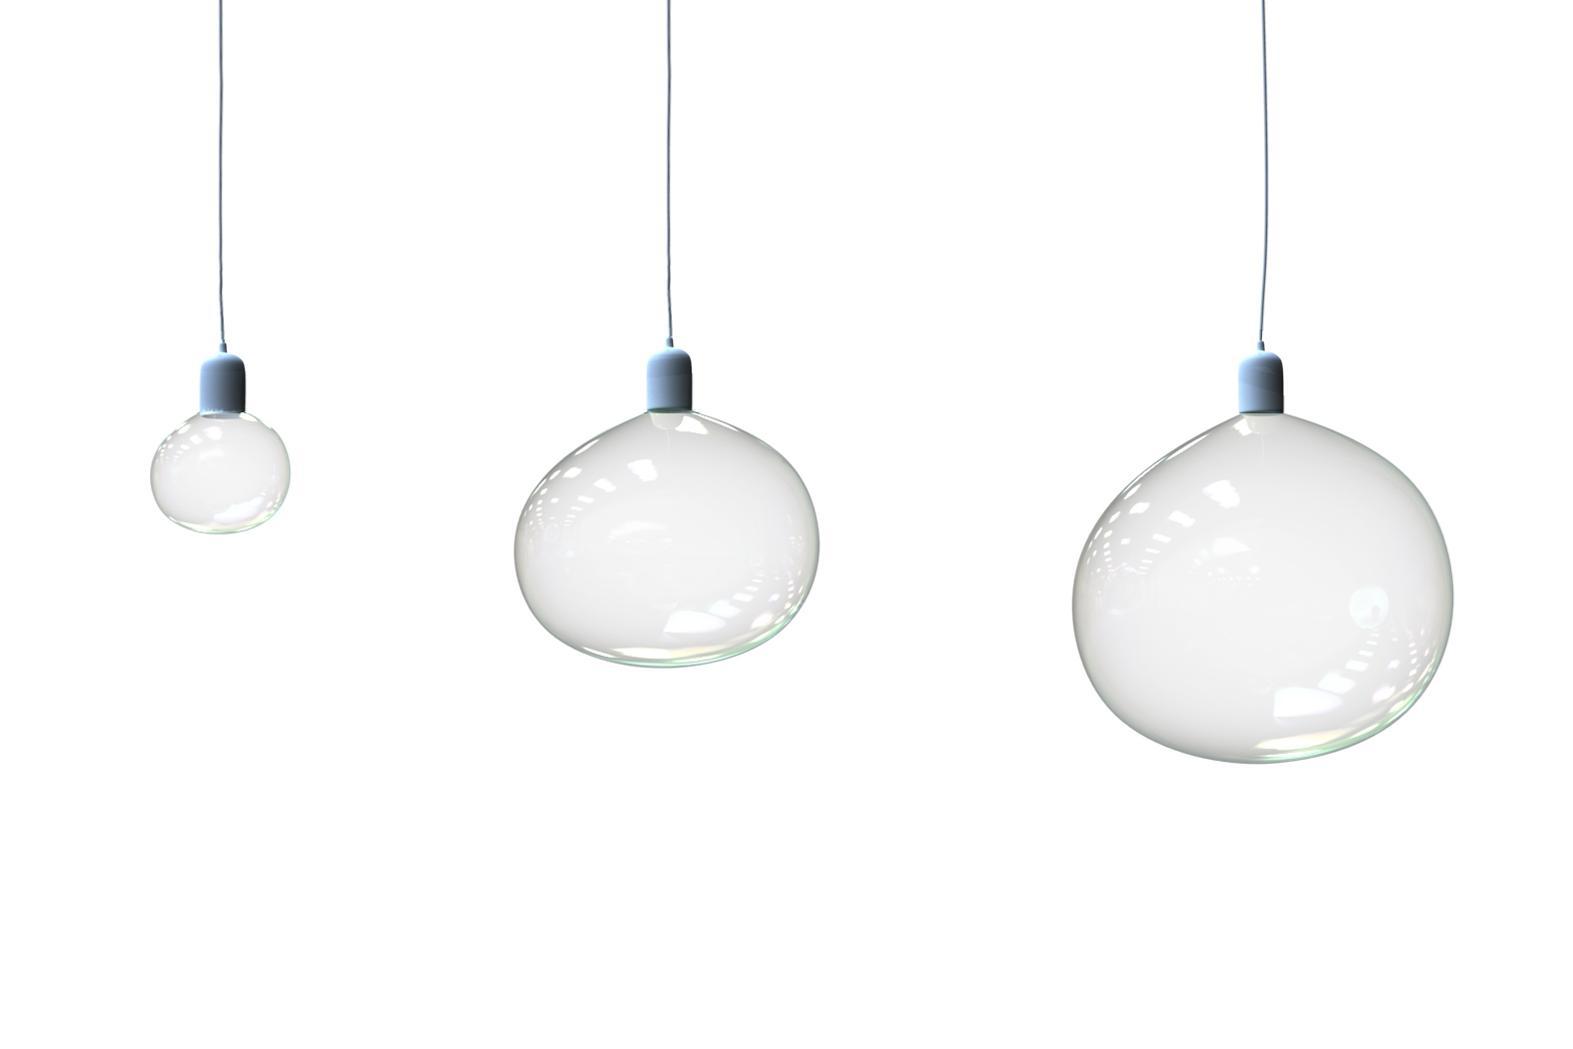 Bubble lamp Lighter.jpg (1573×1049)